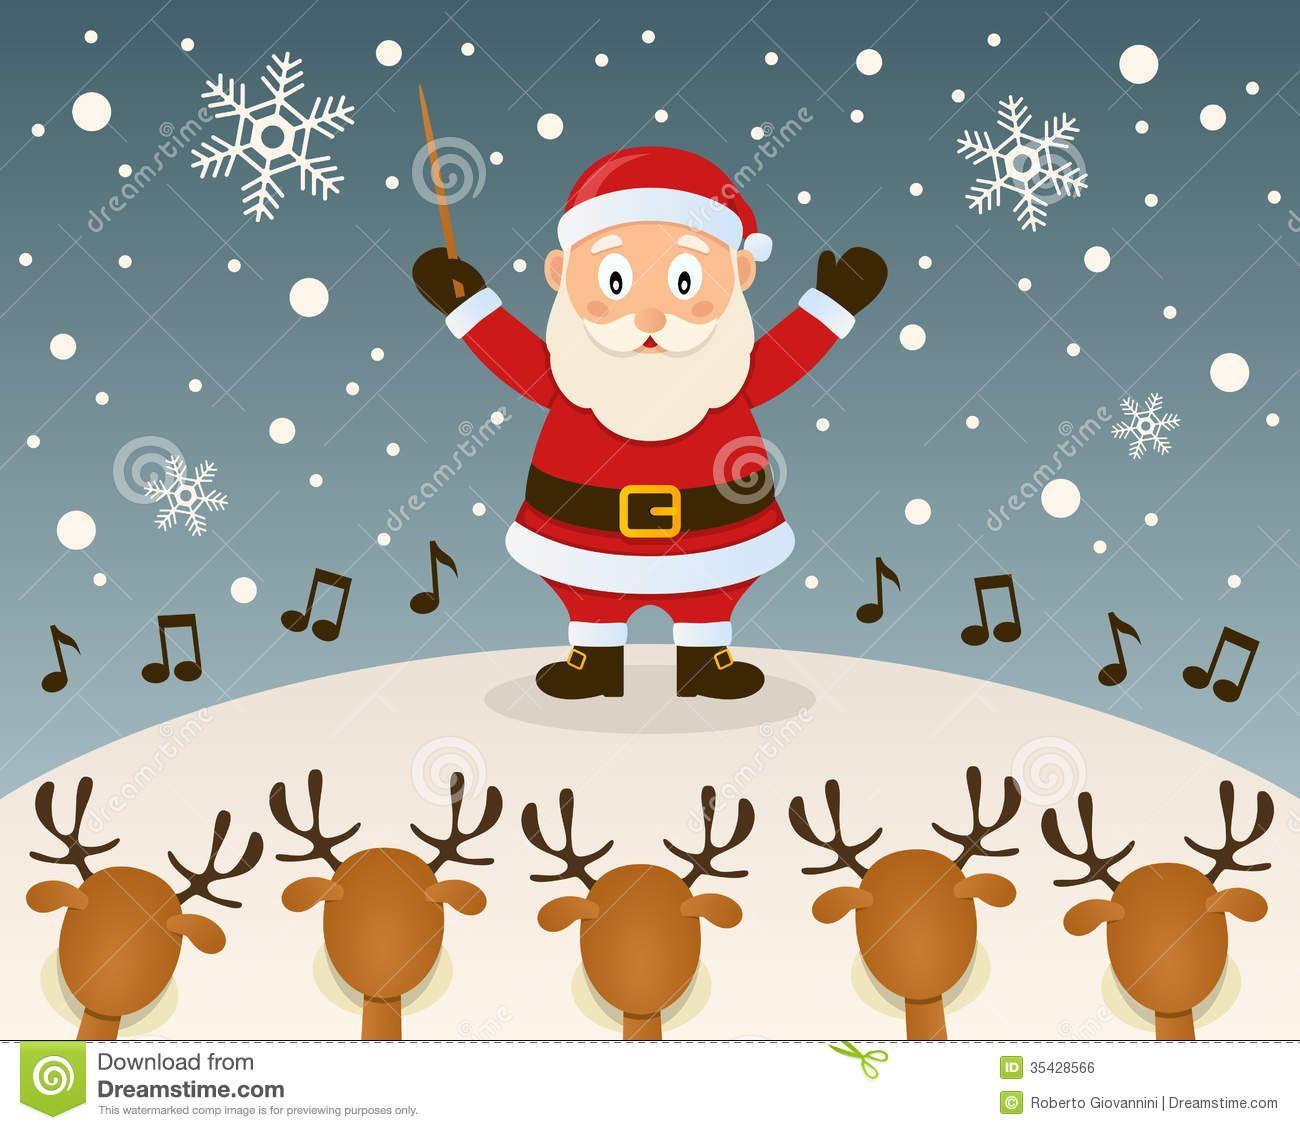 Uncategorized Imagenes Santa Claus santa claus orchestra leader descarga de over 63 millones fotos alta calidad e